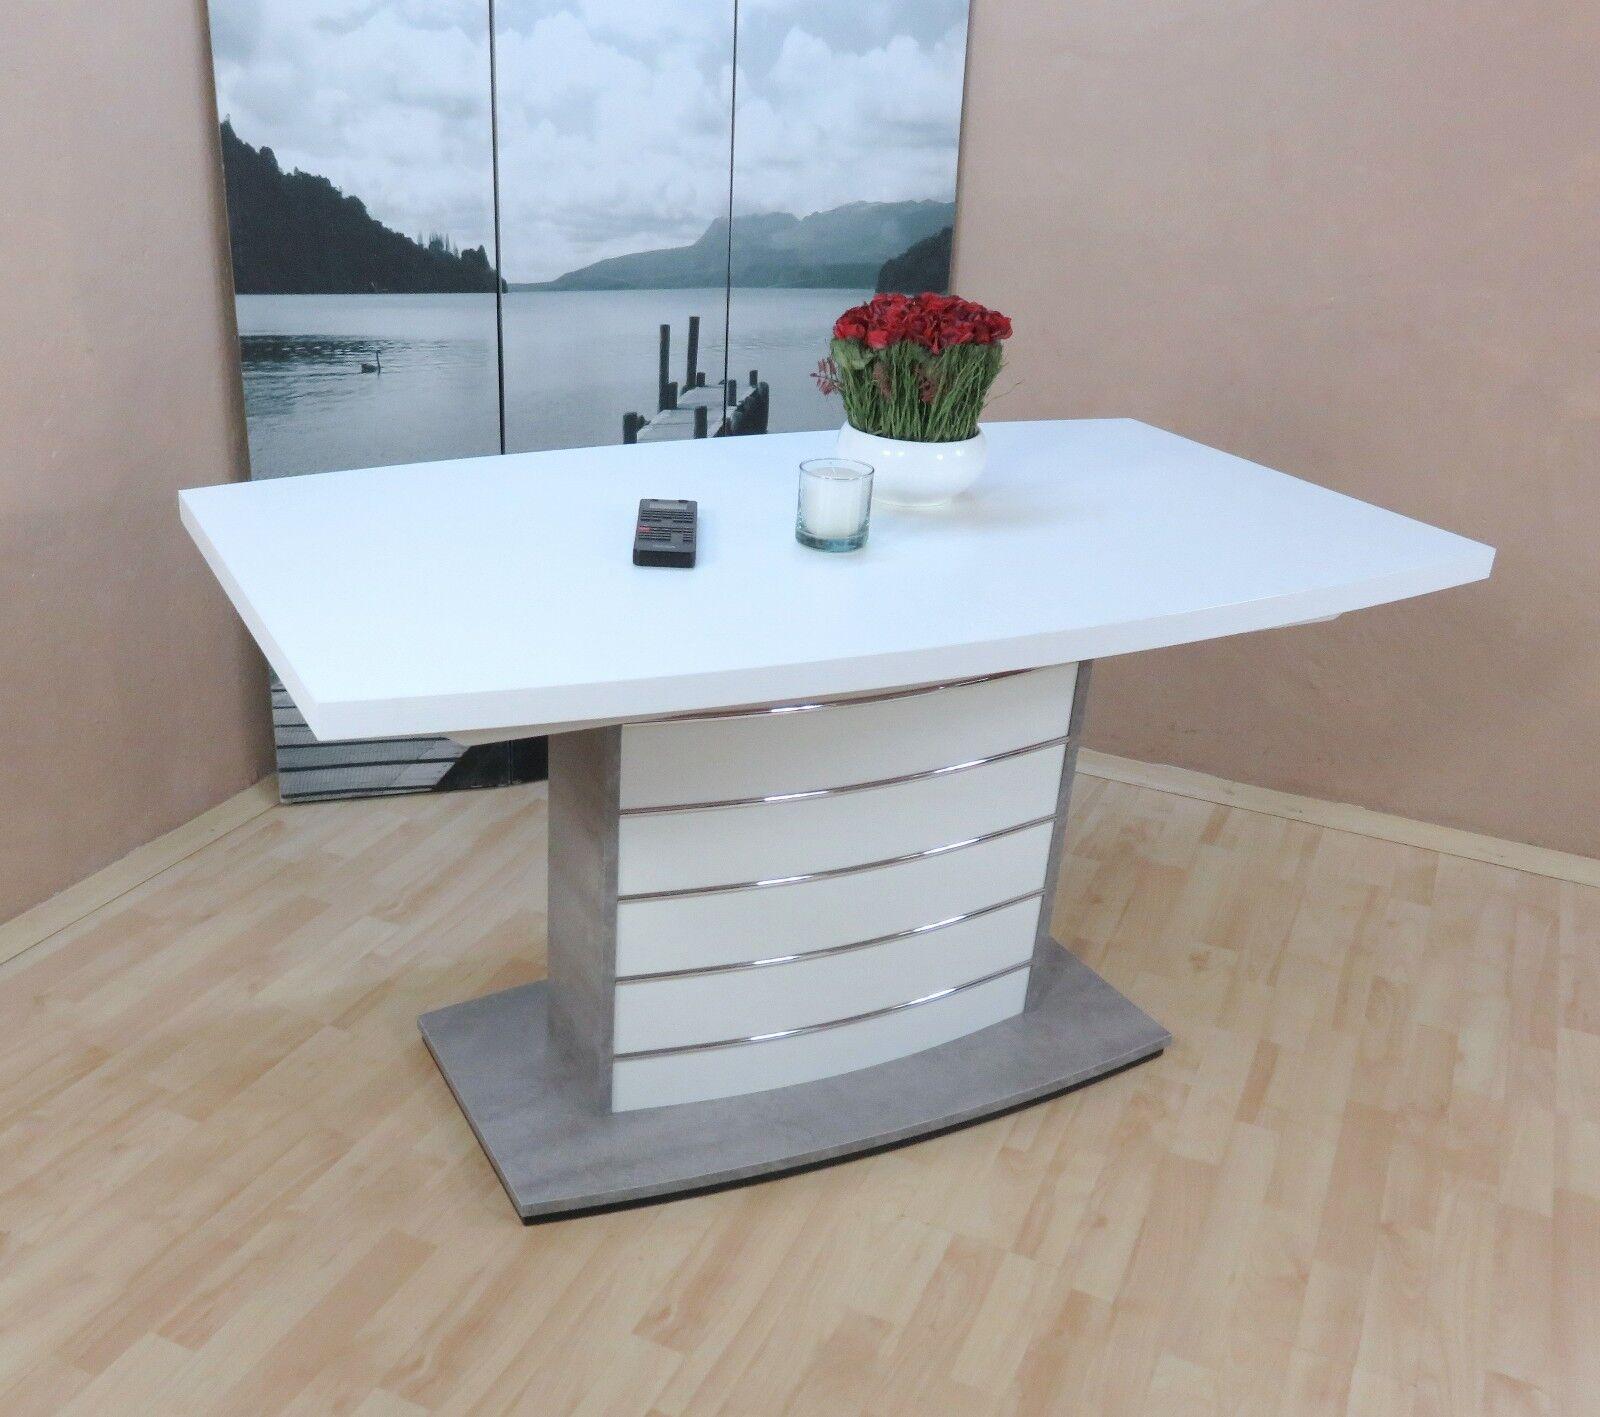 Säulentisch Weiß Beton Silber Esstisch Auszugtisch Ausziehbar Edel Design  Modern